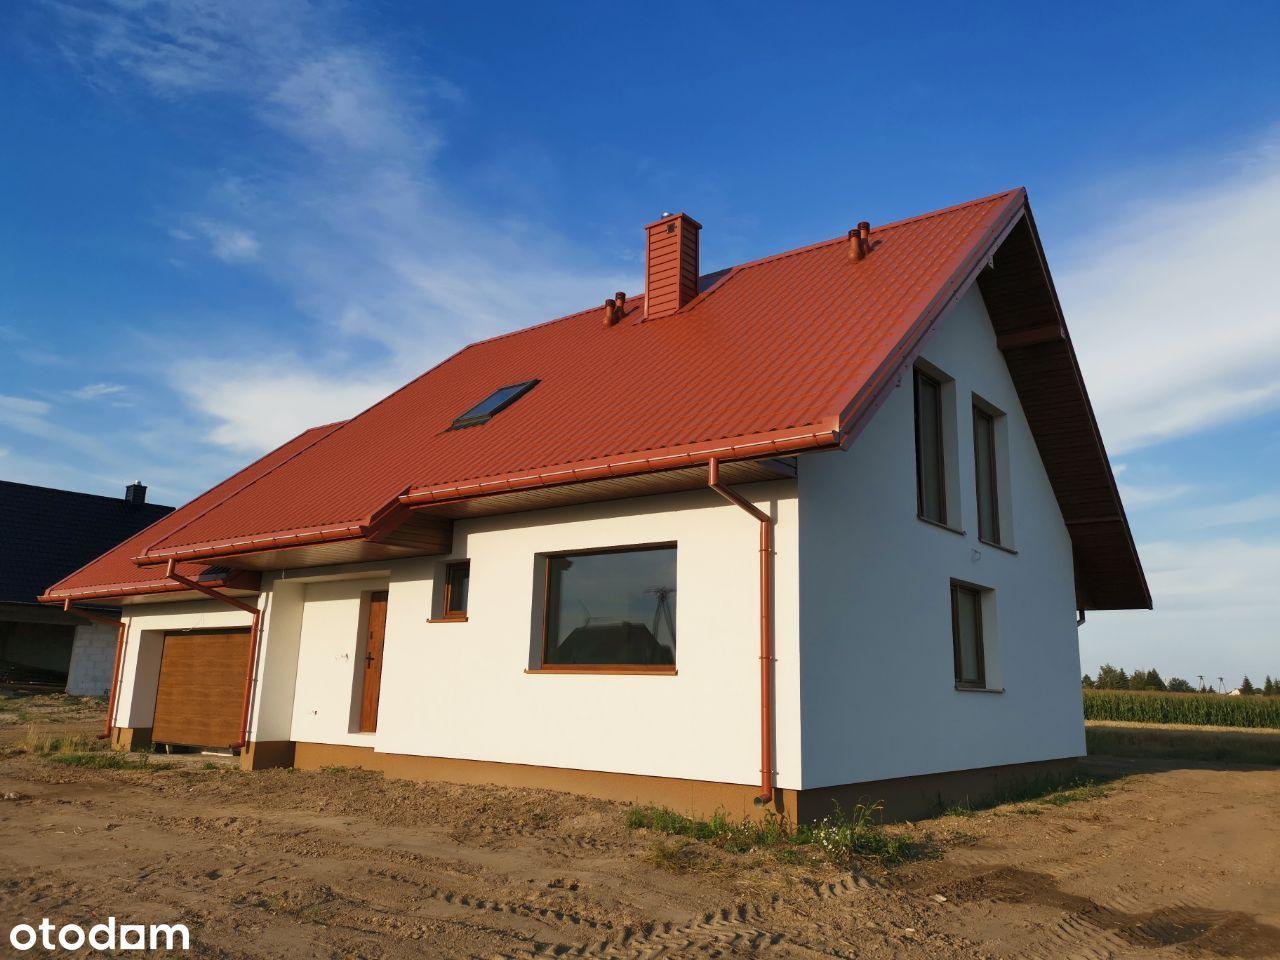 * Nowy dom w Bielsku Podlaskim - 223,2 m2*